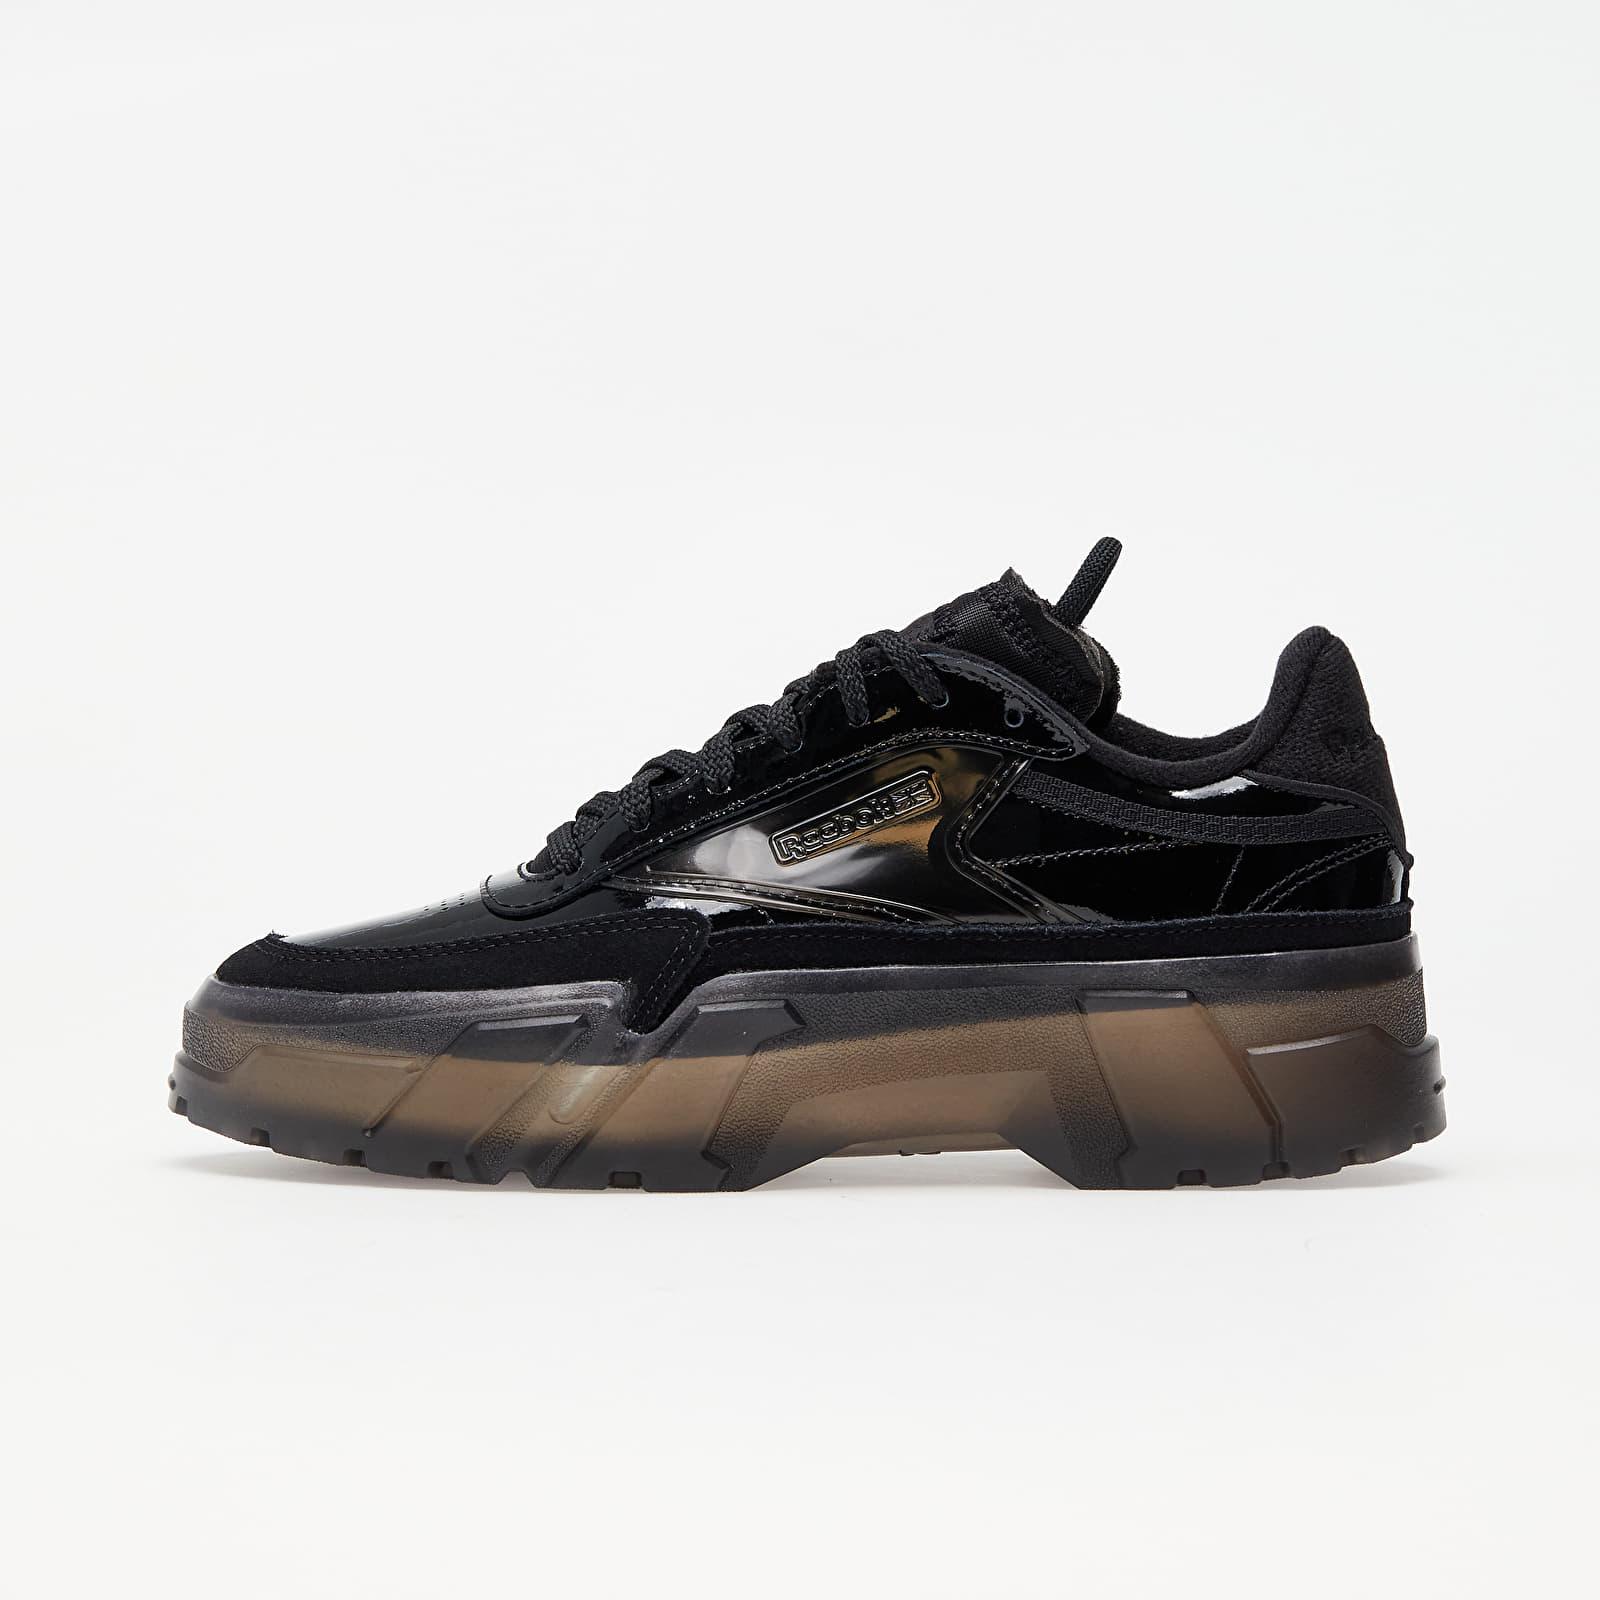 Încălțăminte și sneakerși pentru femei Reebok x Cardi B Club C Core Black/ Core Black/ Clear